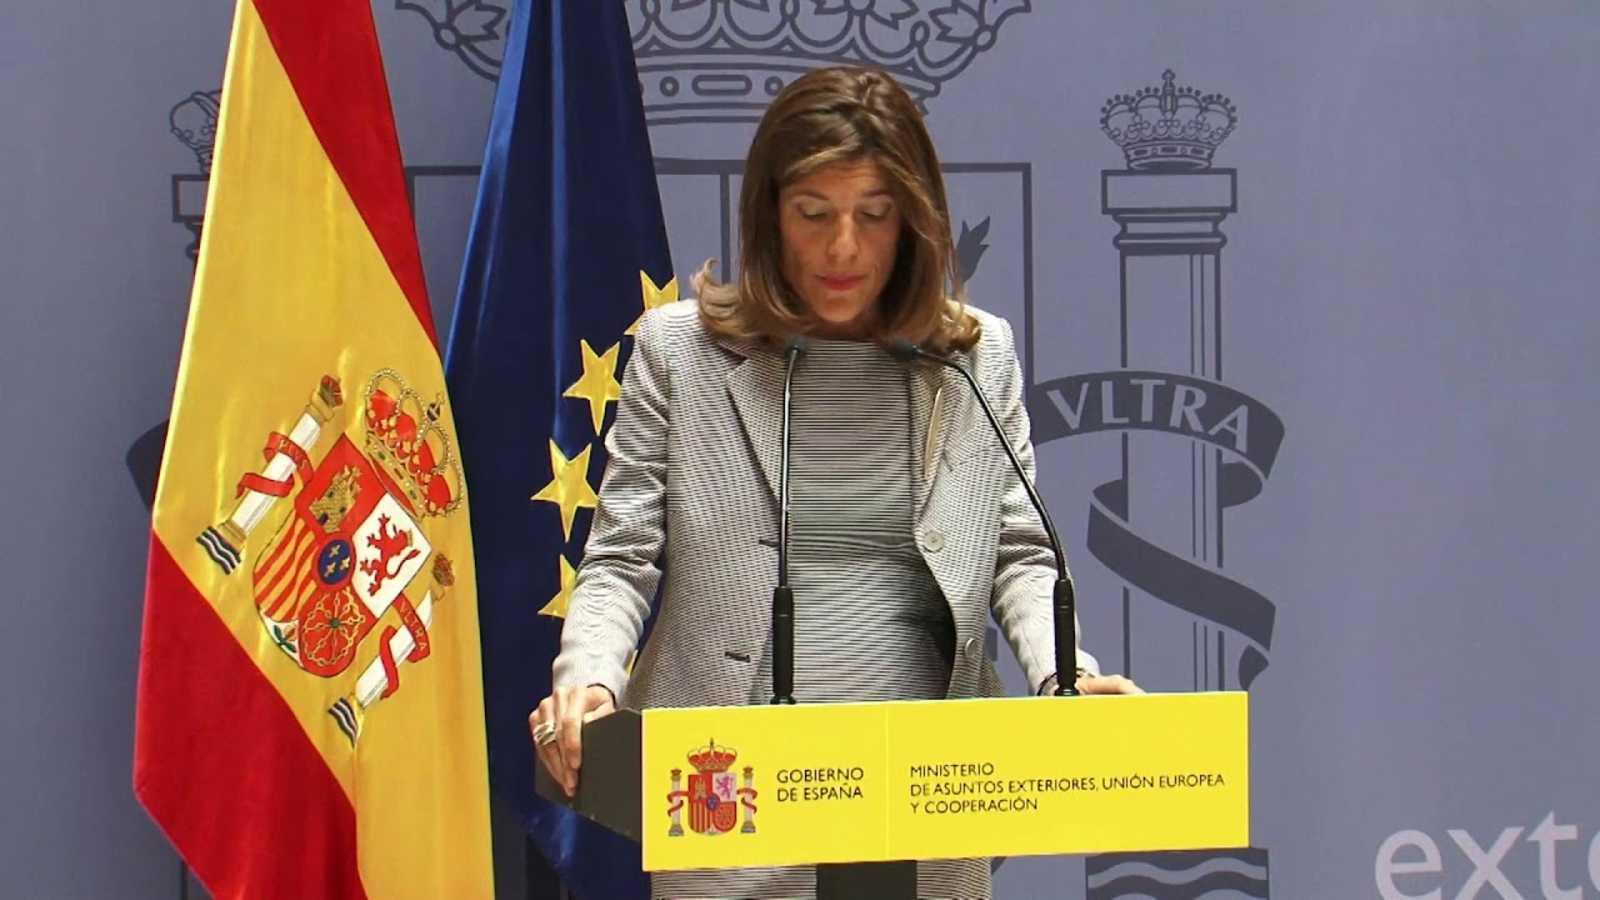 Miradas al exterior - La cooperación española - 21/06/20 - Escuchar ahora